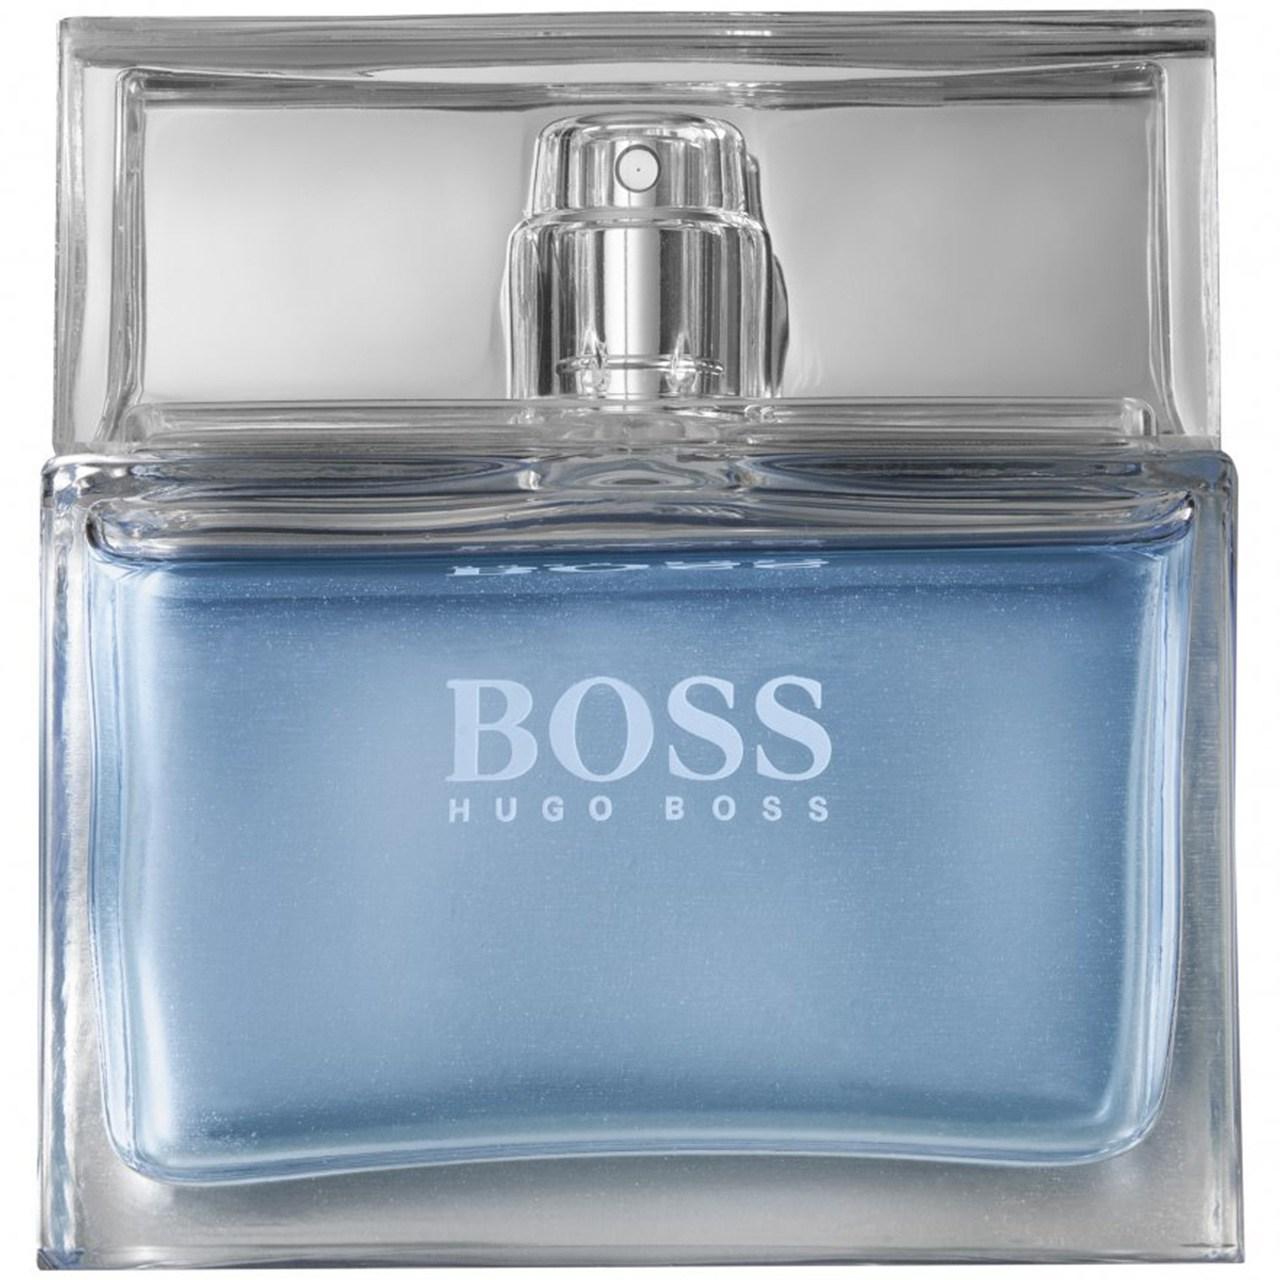 ادو تویلت مردانه هوگو باس مدل Boss Pure Hugo حجم 75 میلی لیتر